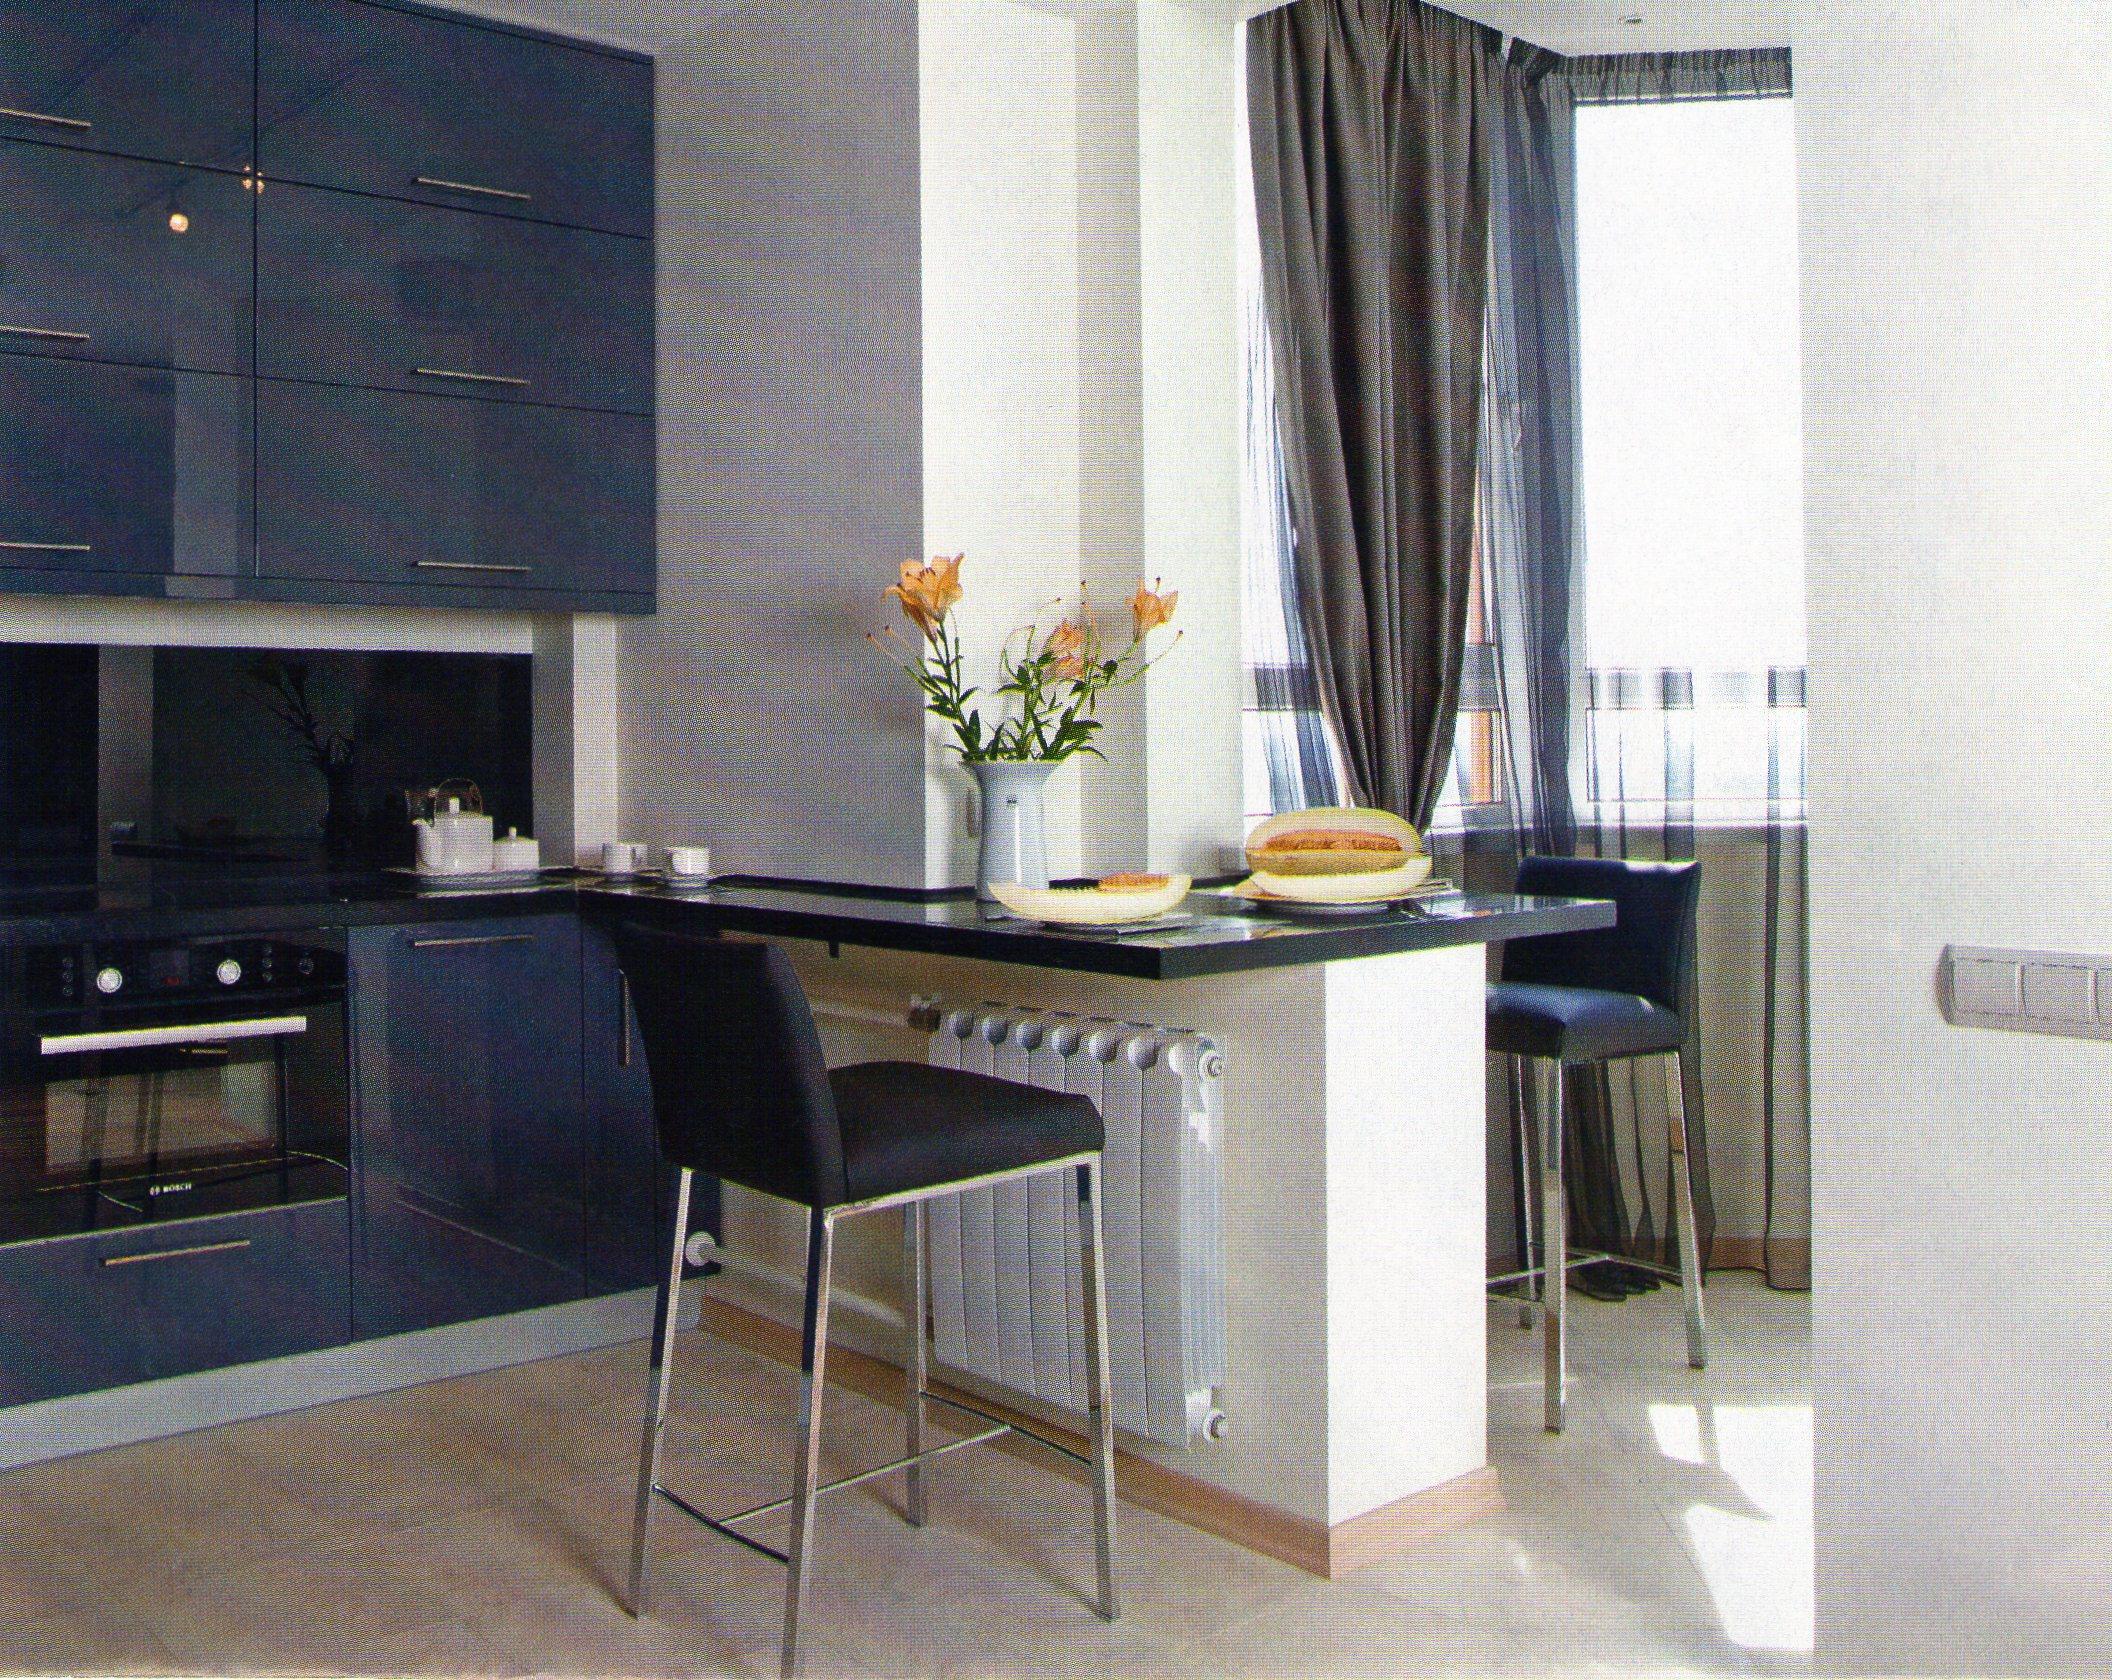 Стол из прожека между кухней и балконом